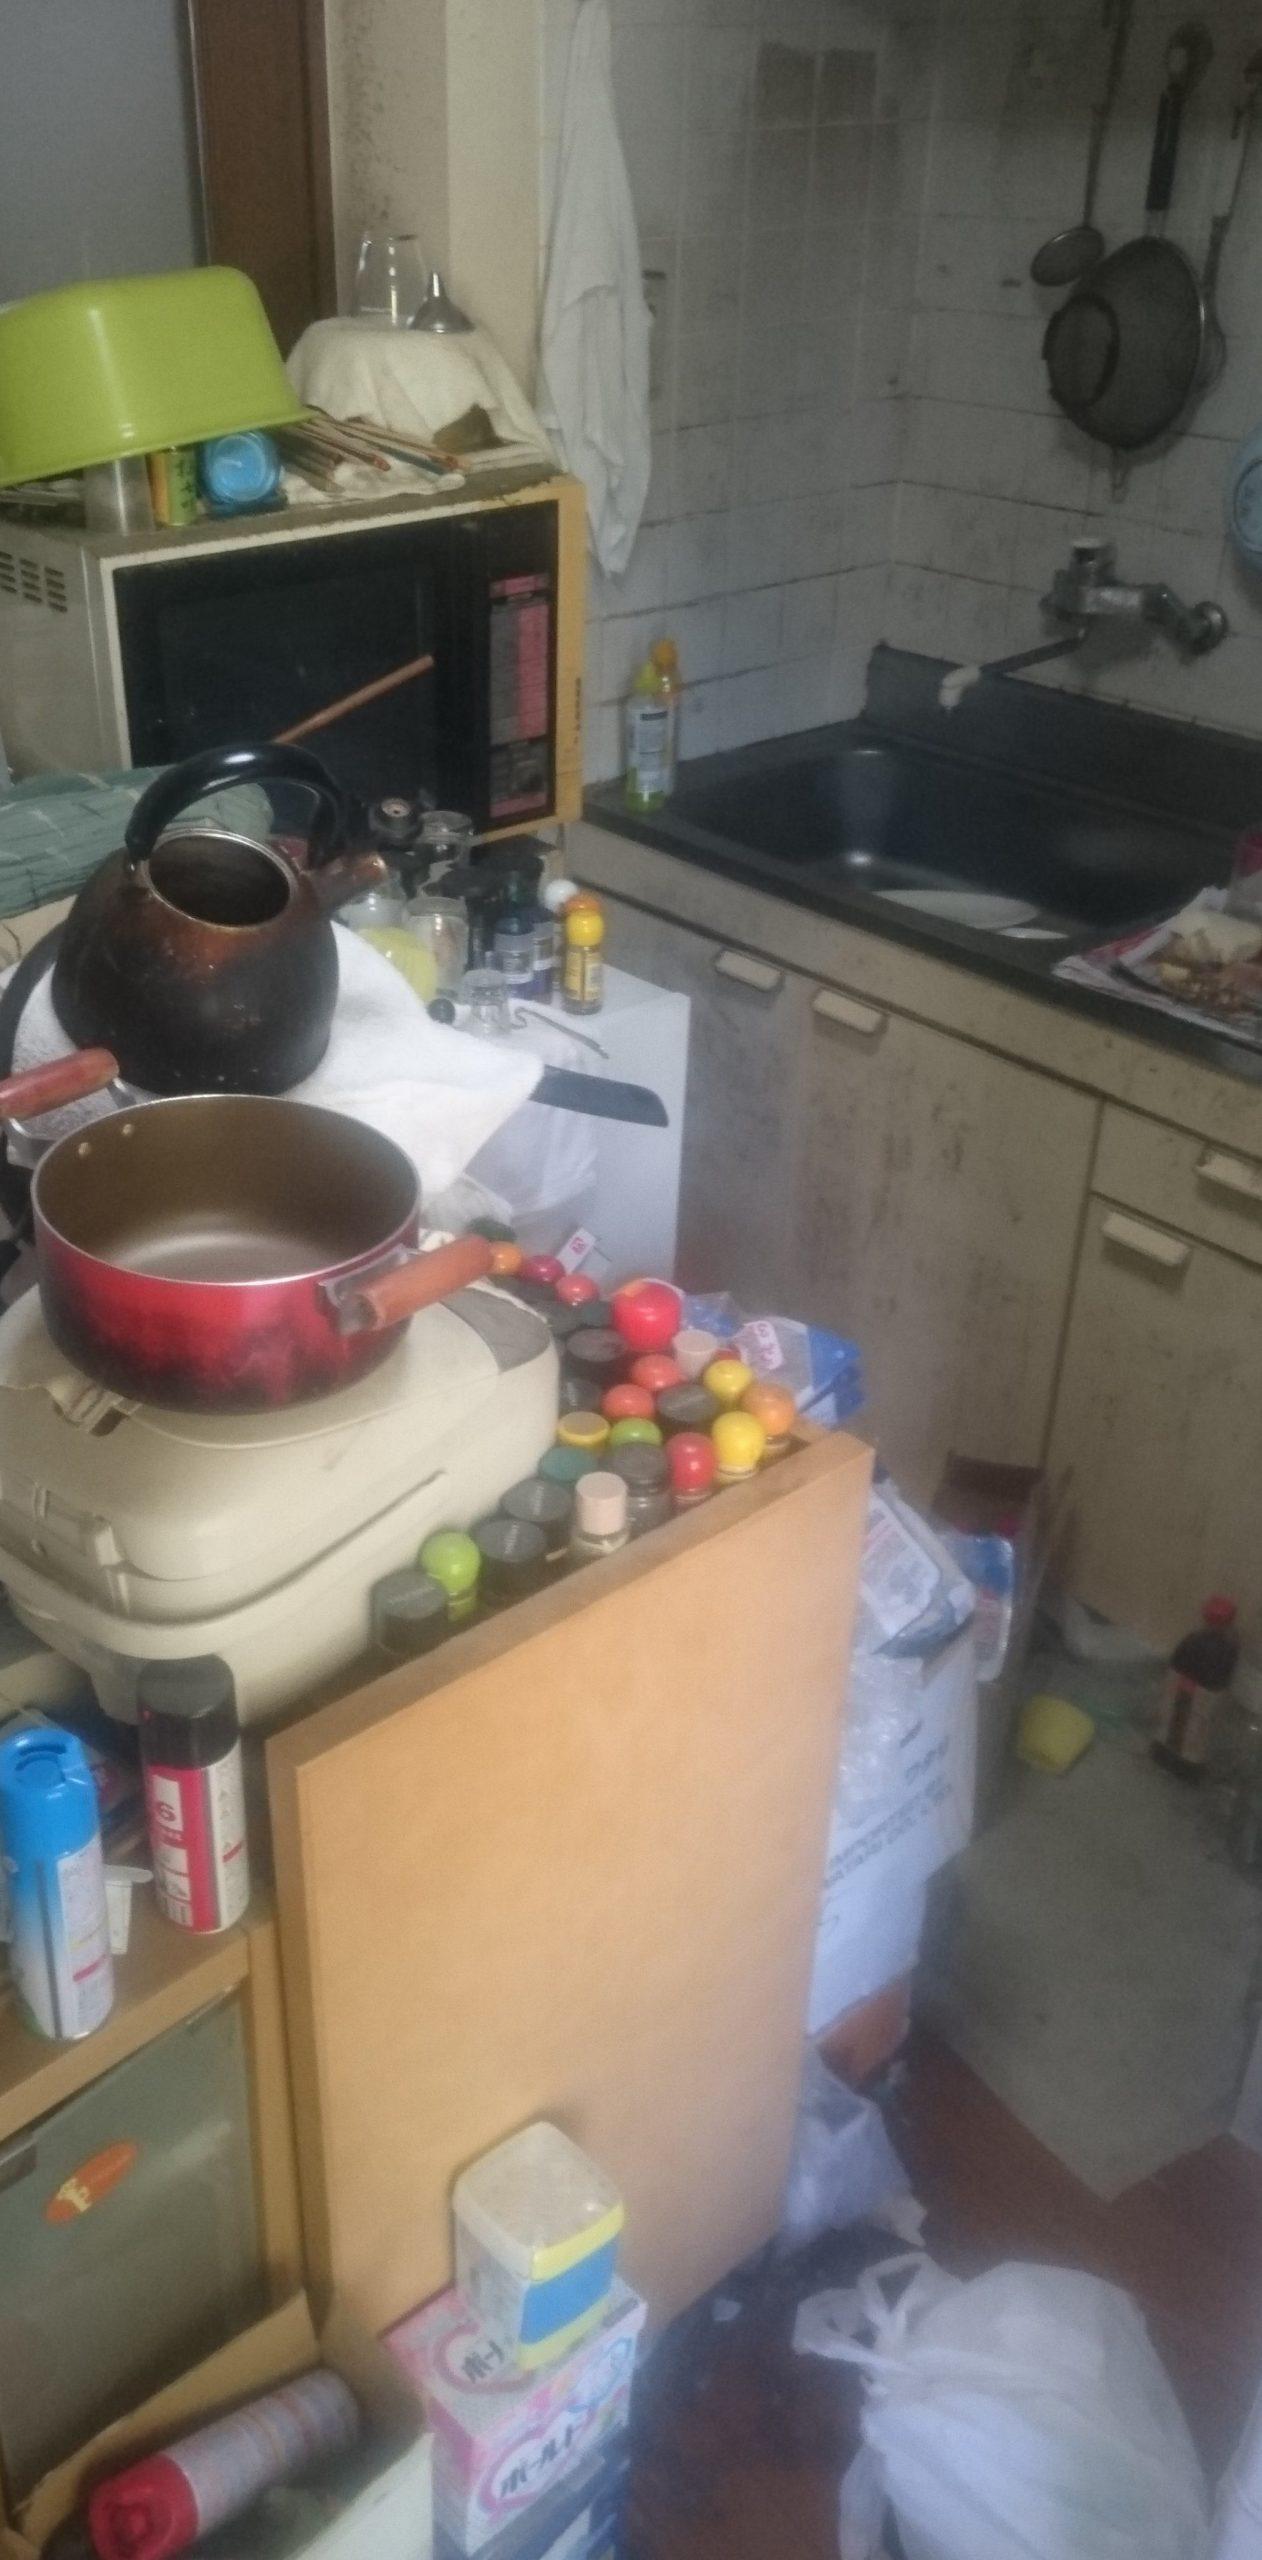 【愛知県名古屋市千種区】キッチンまわりの家電や調理用品の回収